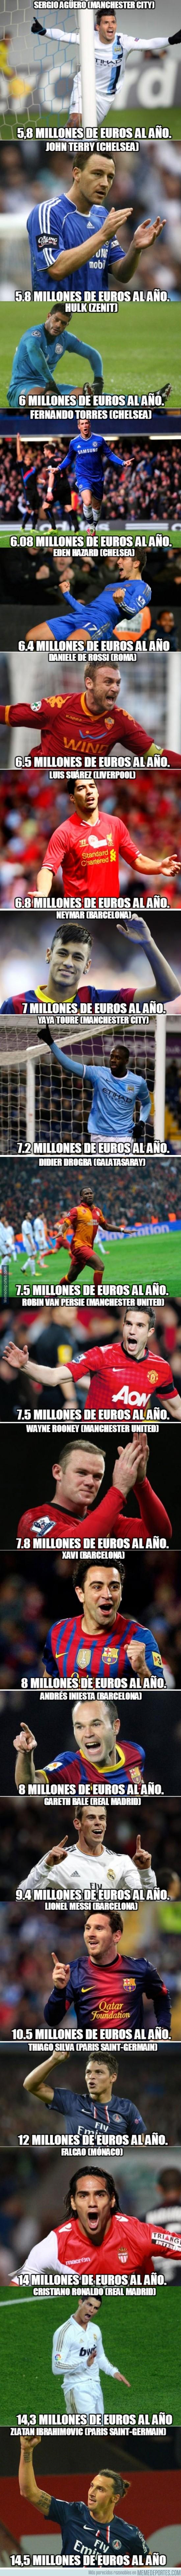 262145 - Ni Bale ni Neymar, aquí estan los 20 mejor pagados